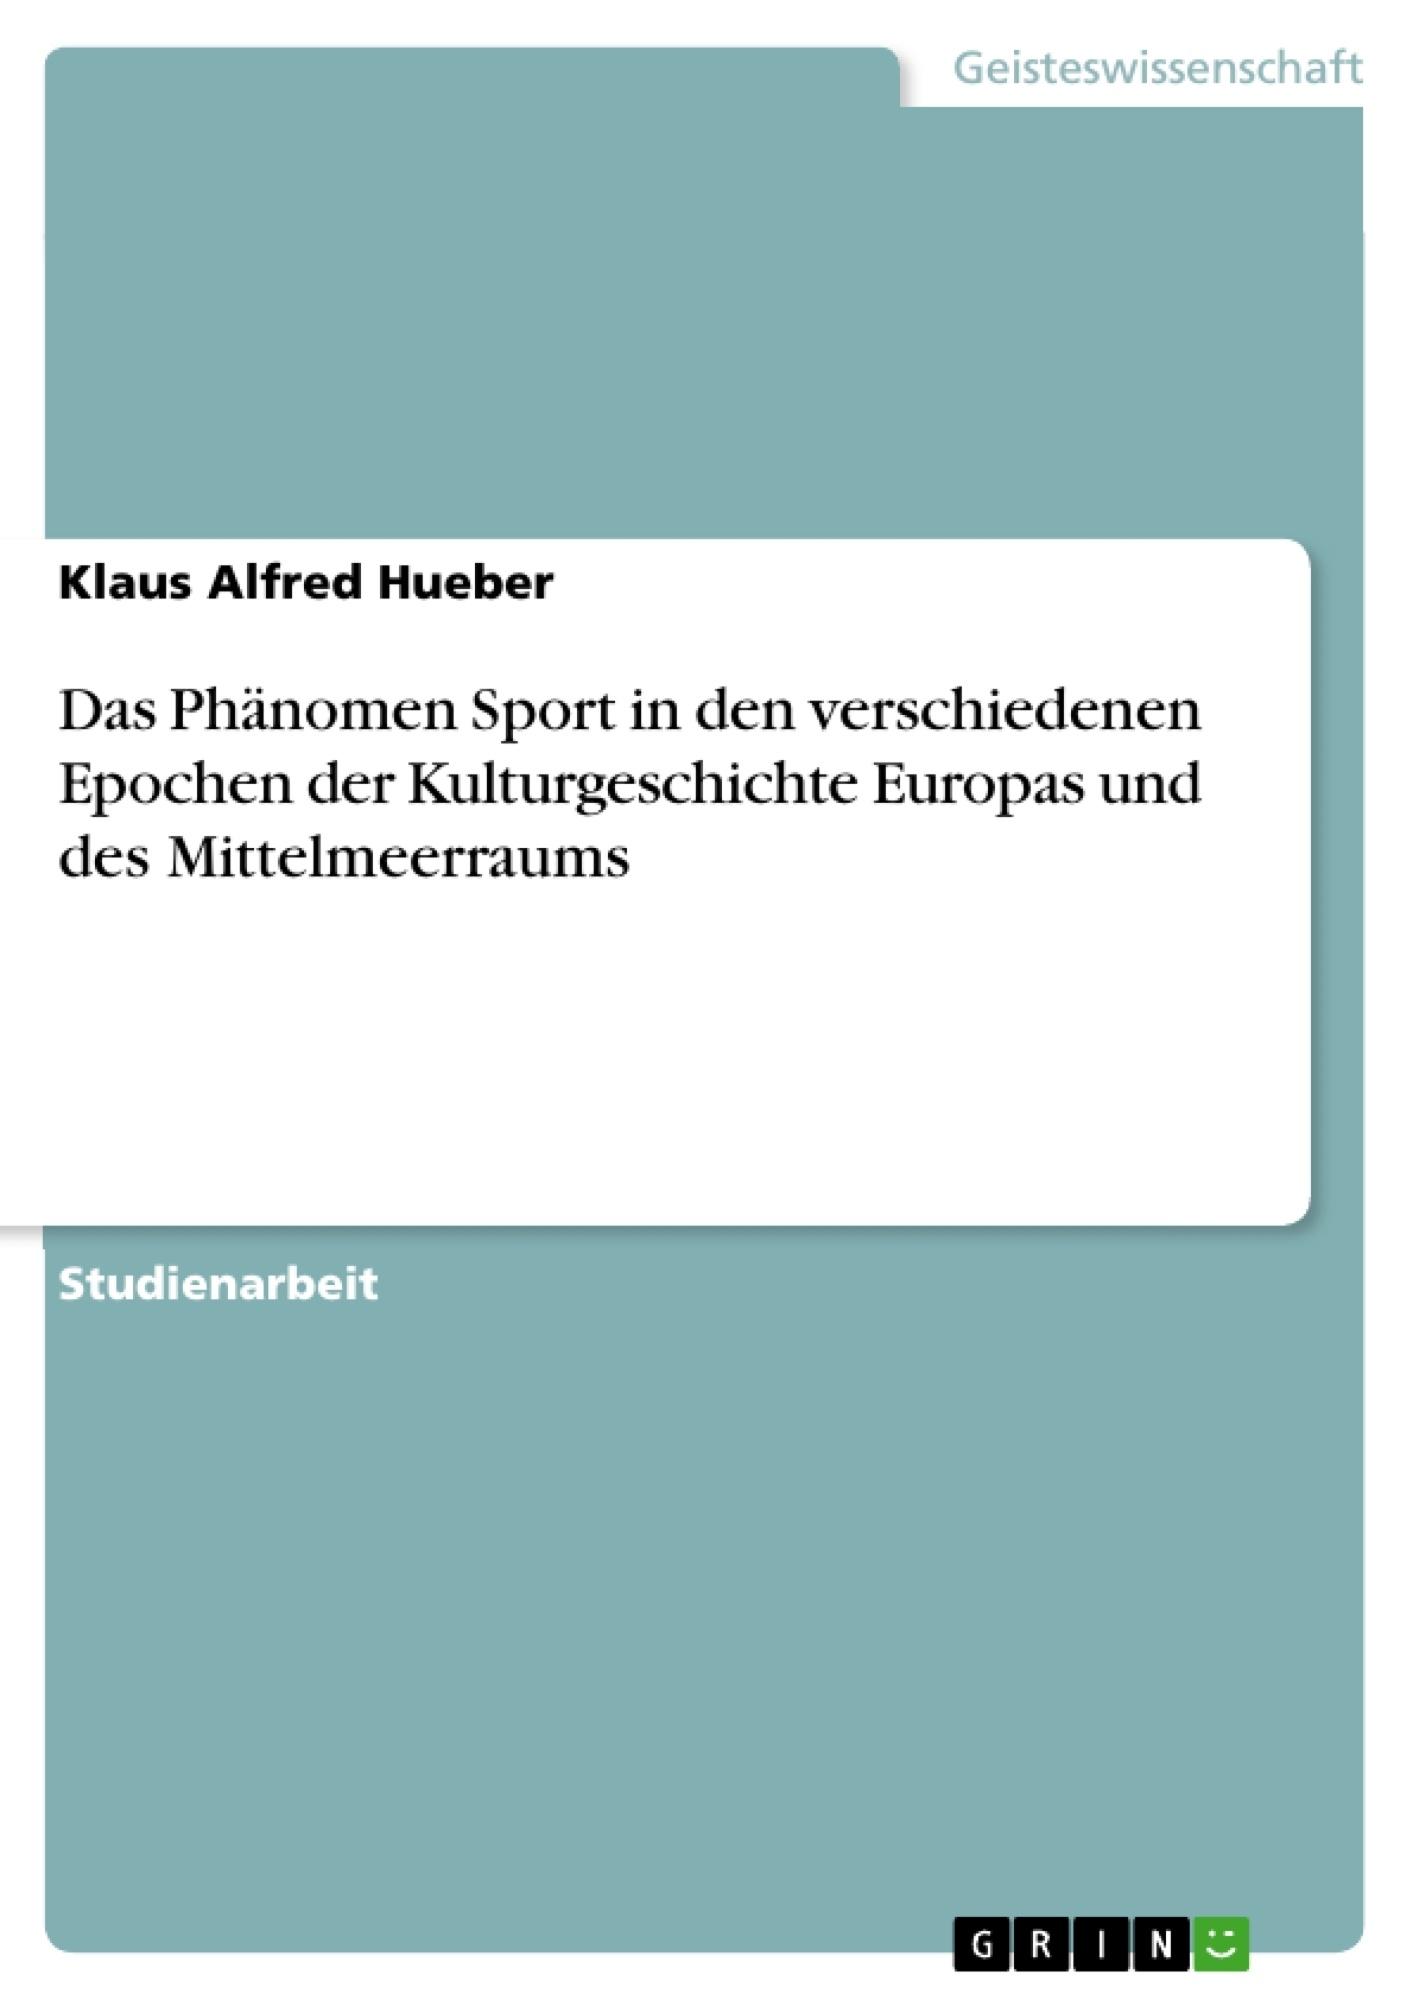 Titel: Das Phänomen Sport in den verschiedenen Epochen der Kulturgeschichte Europas und des Mittelmeerraums